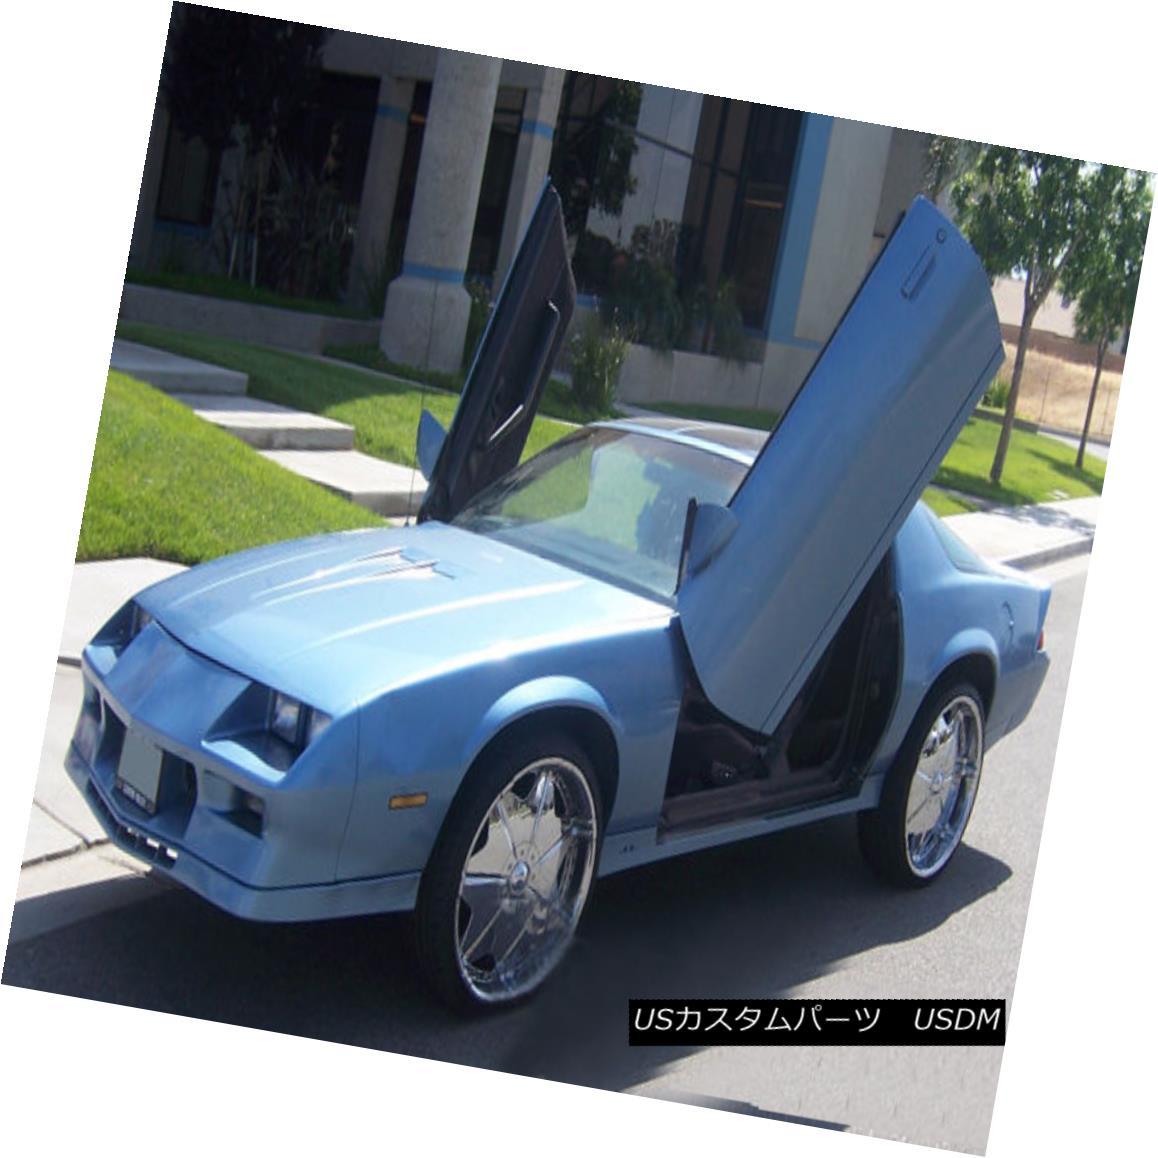 ガルウィングキット Direct Bolt On Vertical Lambo Doors Hinges Kit With Warranty VDCCHEVYCAM8292 VDCCHEVYCAM829 2の縦型ランボドアヒンジキットのダイレクトボルト